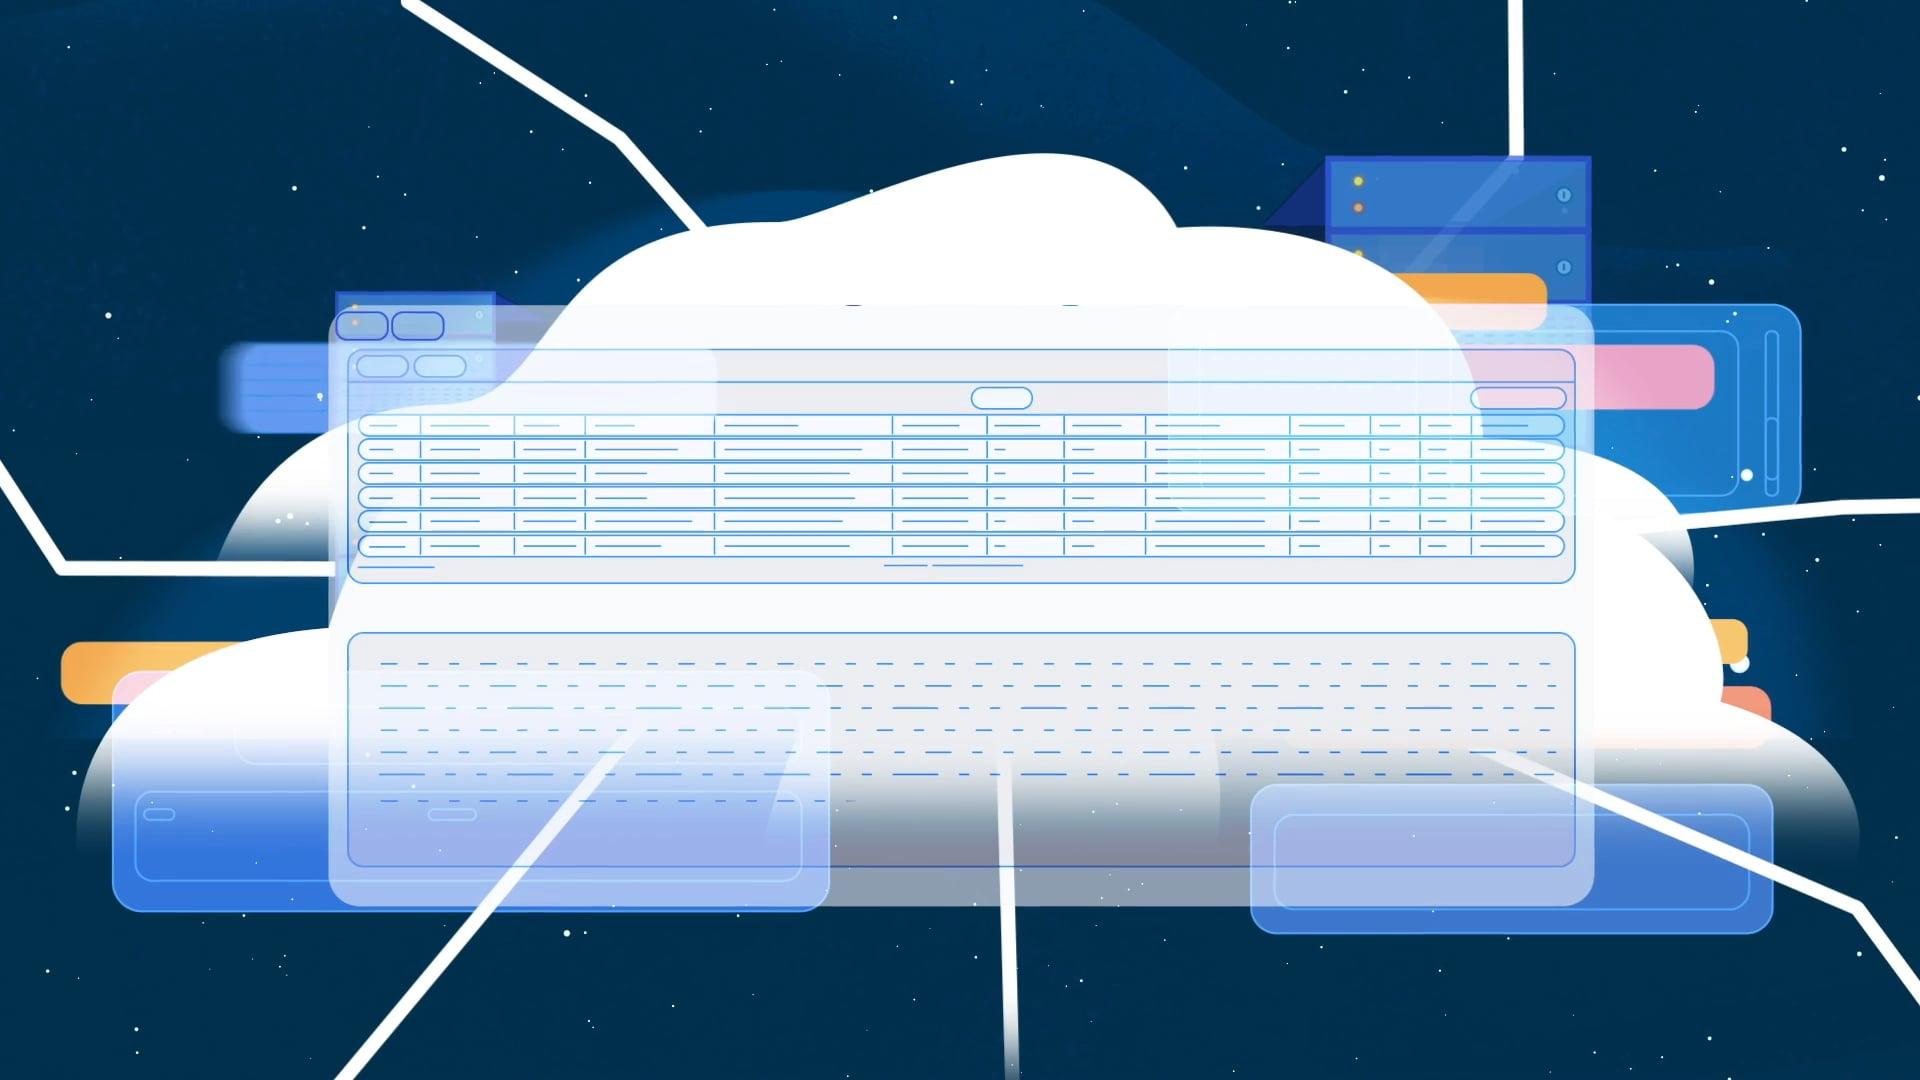 CoreSite - Open Cloud Exchange - Mighteor